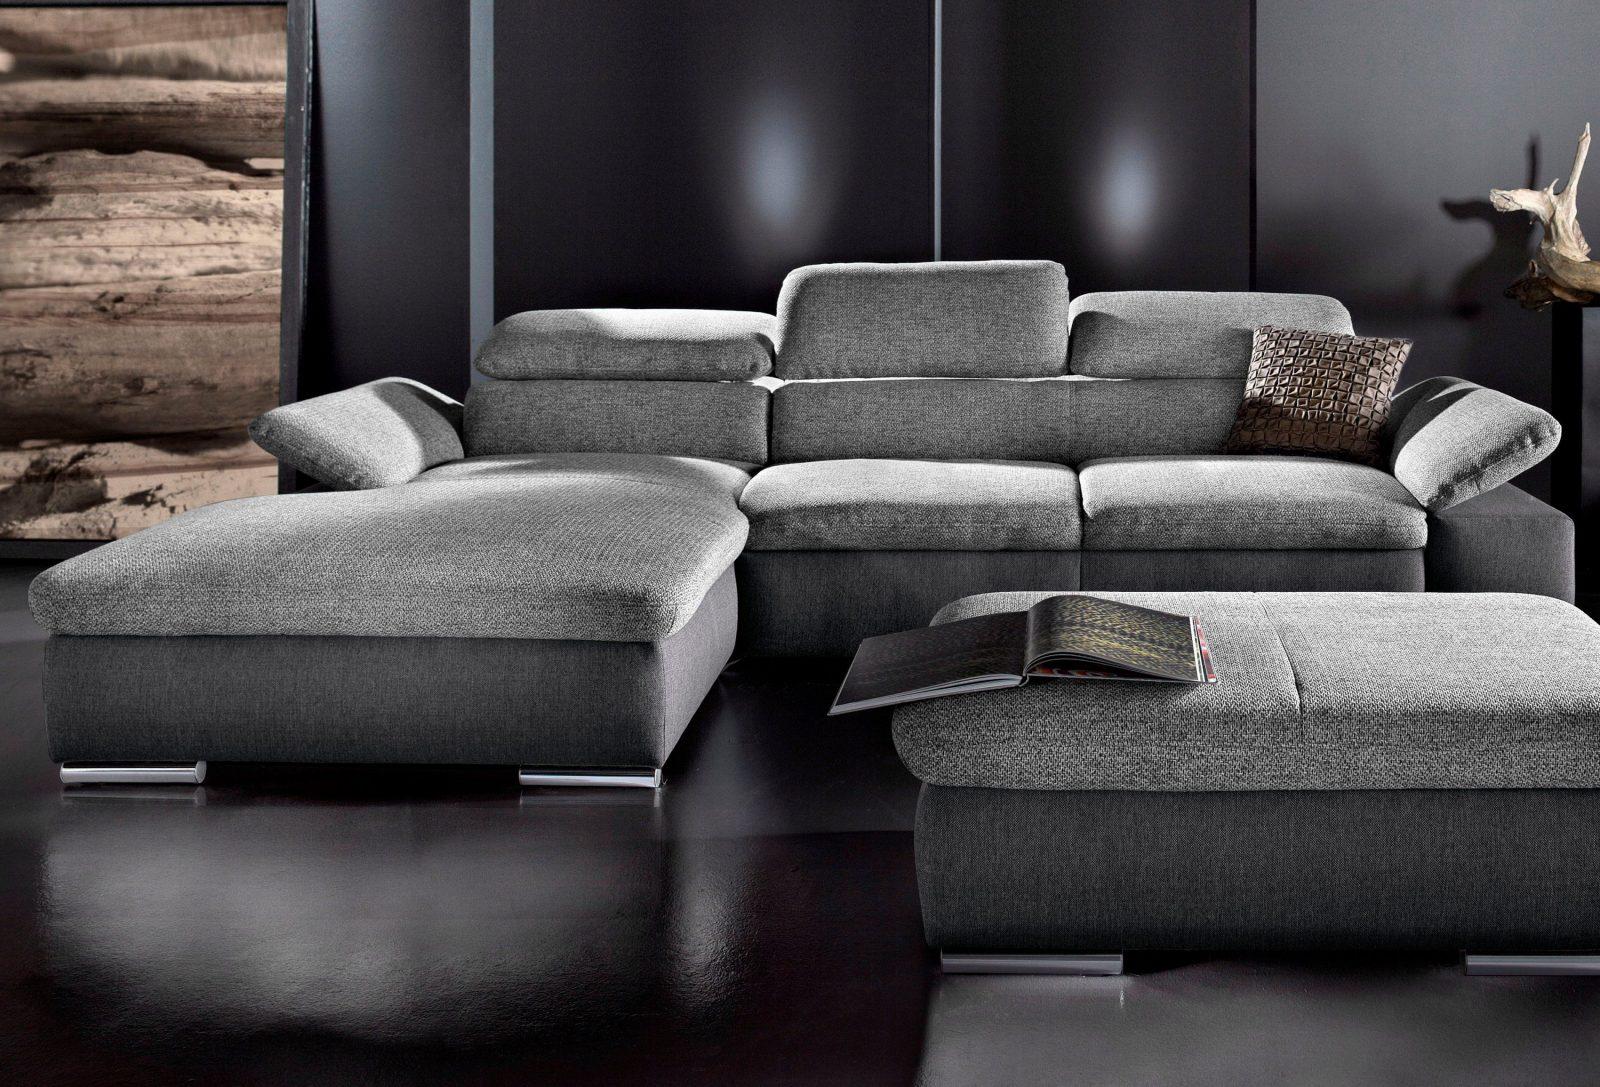 Sit&more Polsterecke Wahlweise Mit Bettfunktion Kaufen  Baur von Sit & More Polsterecke Bild